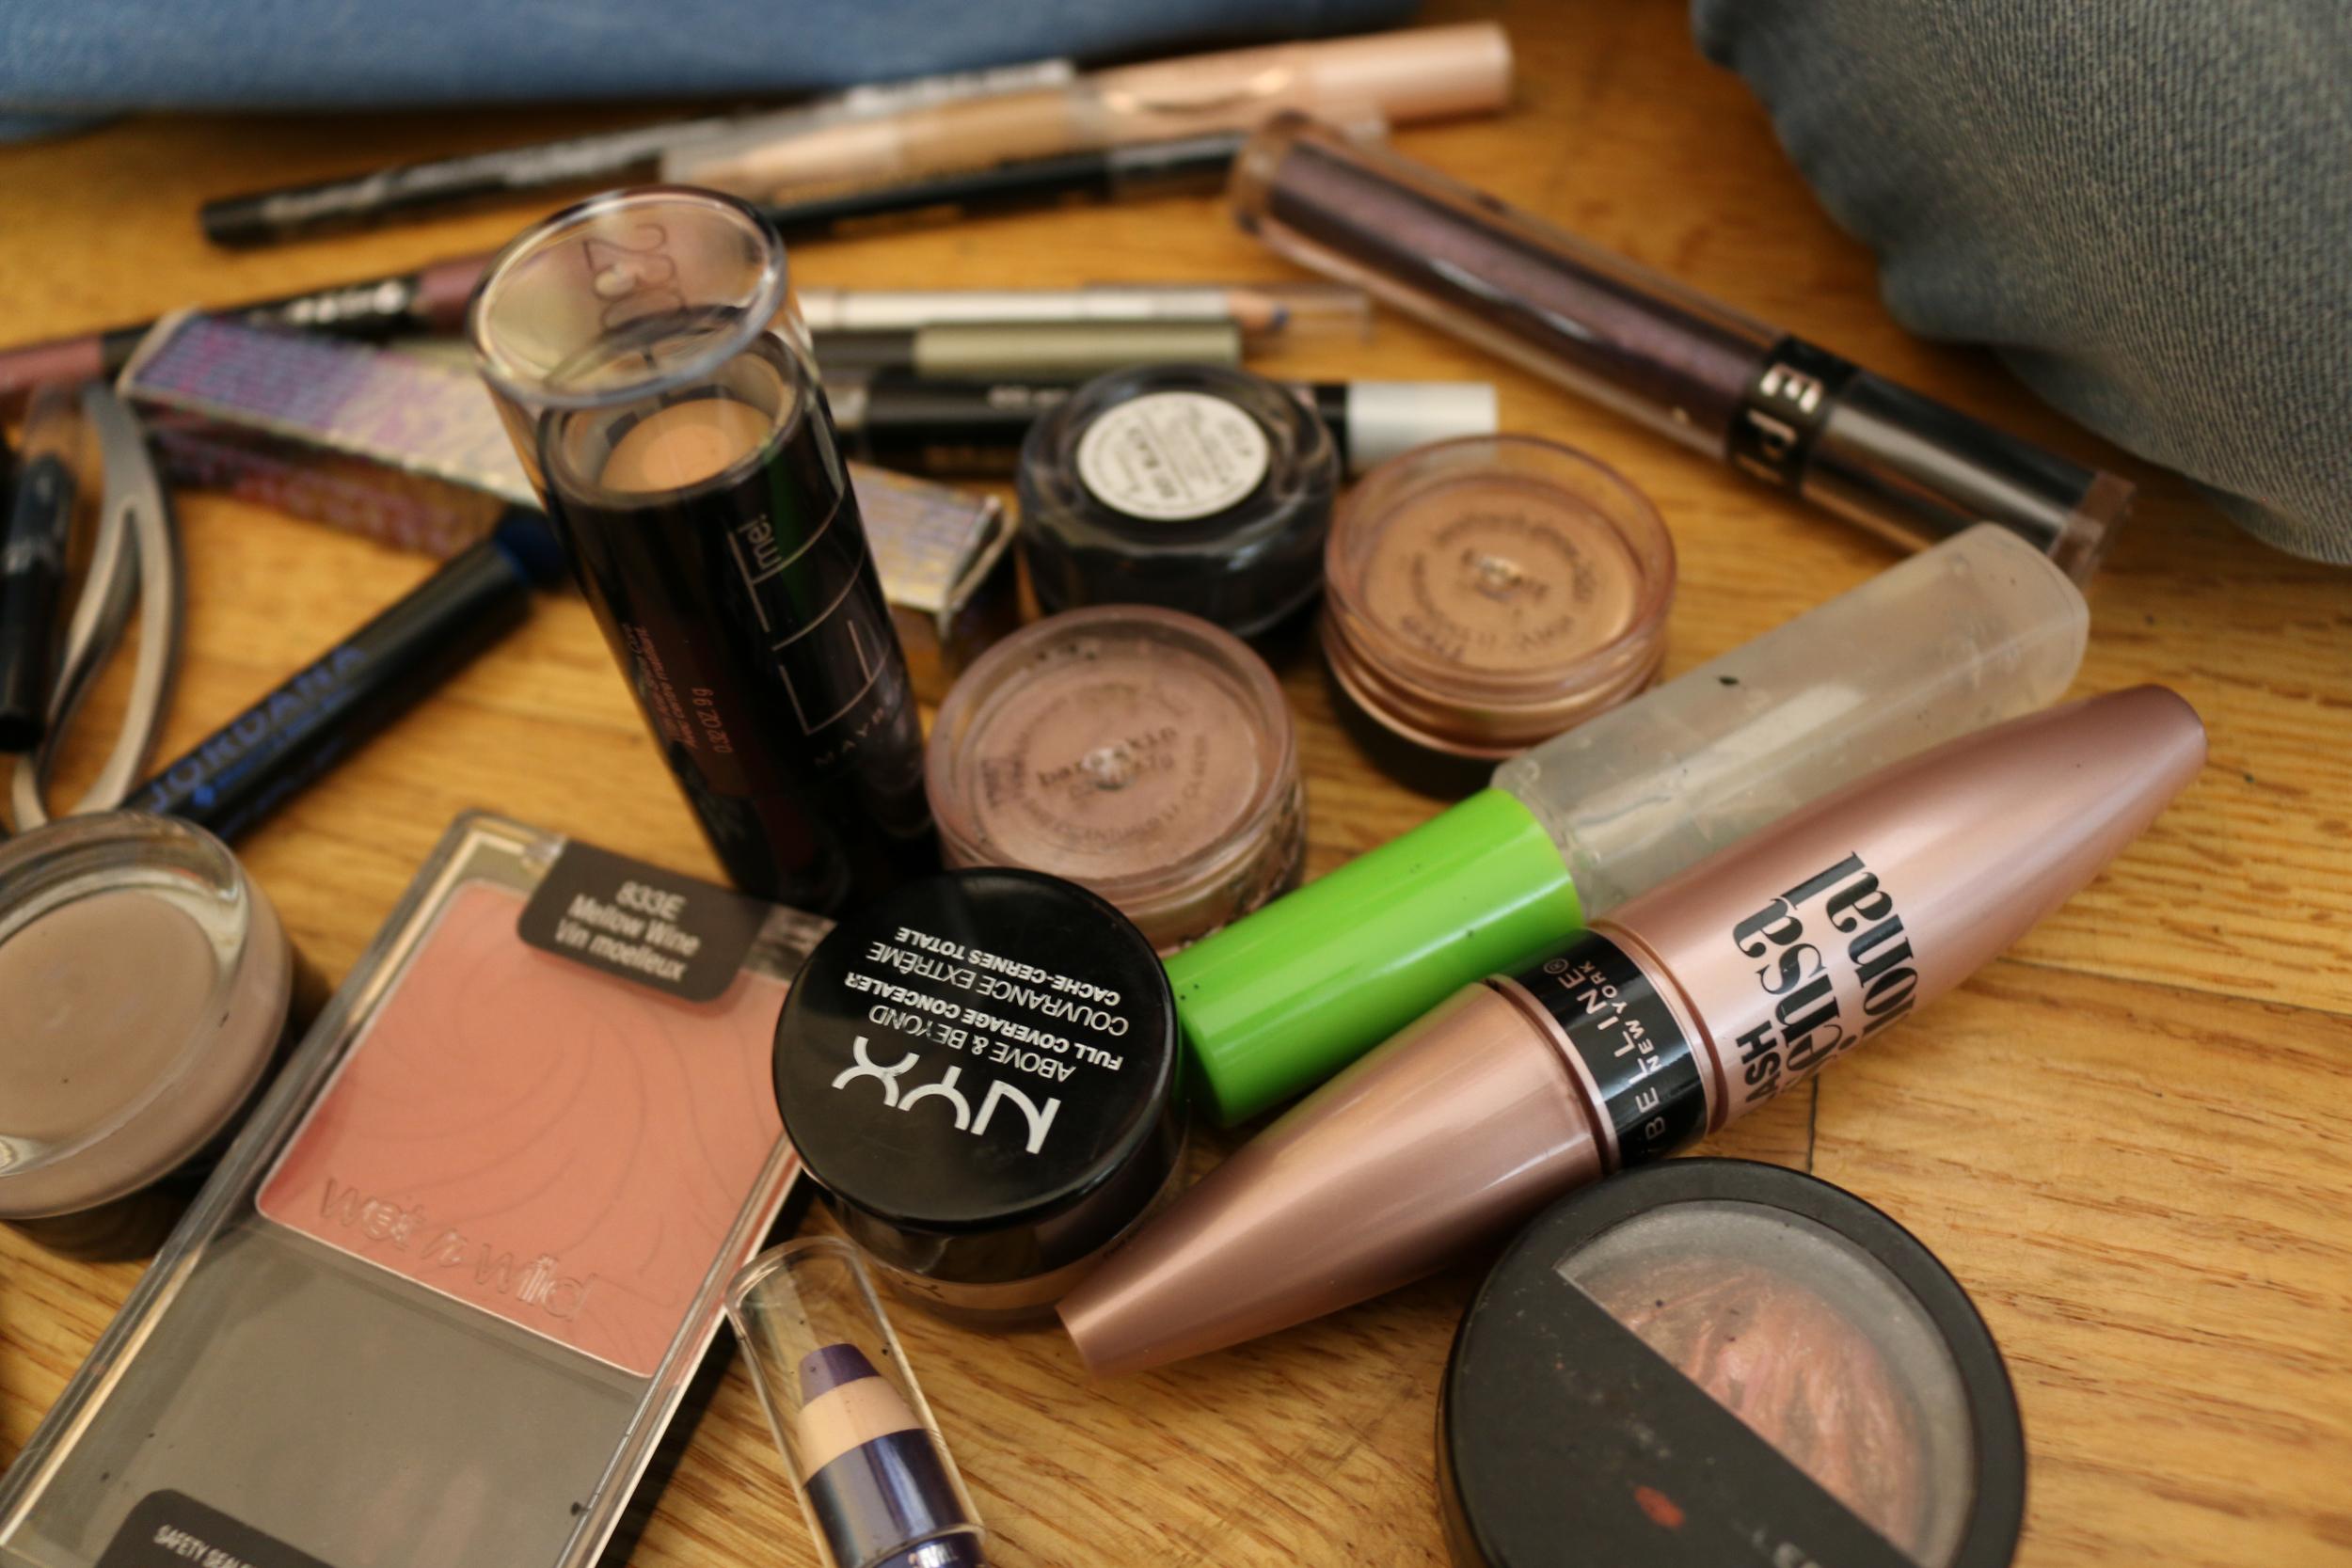 Tatiana's pile of makeup.